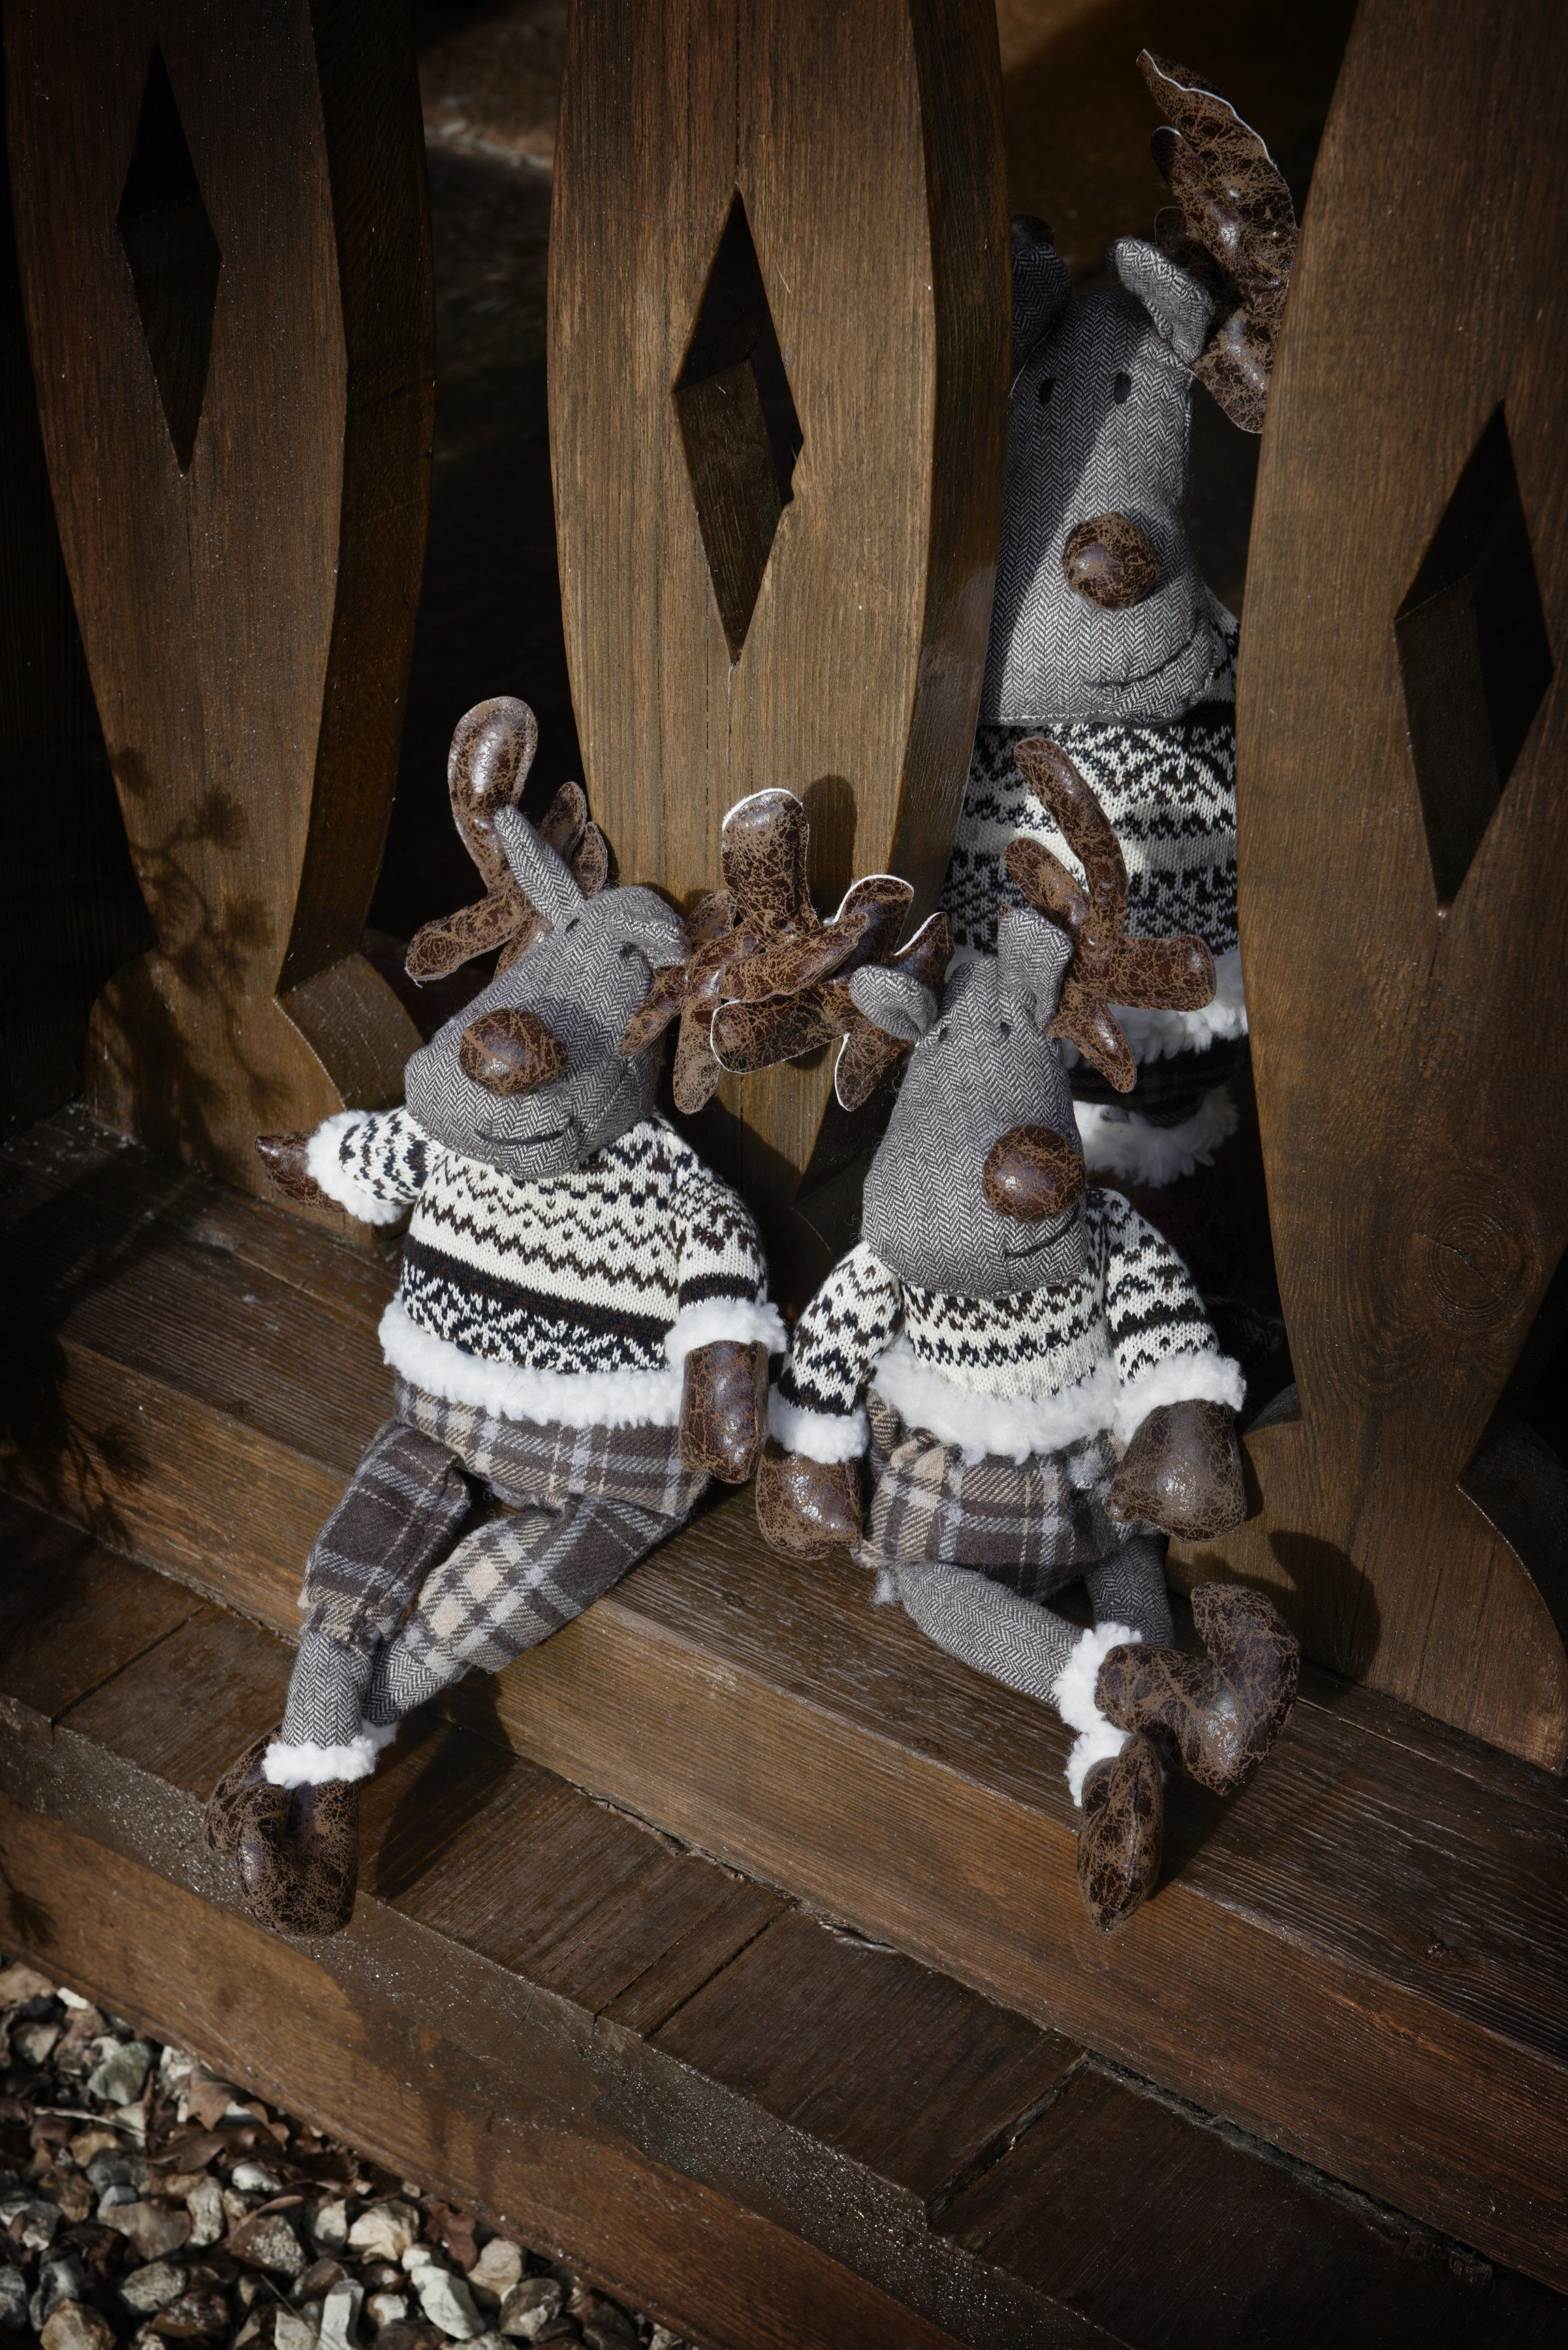 d coration de noel by sia en vente chez inextoo labege et toulouse pinterest. Black Bedroom Furniture Sets. Home Design Ideas